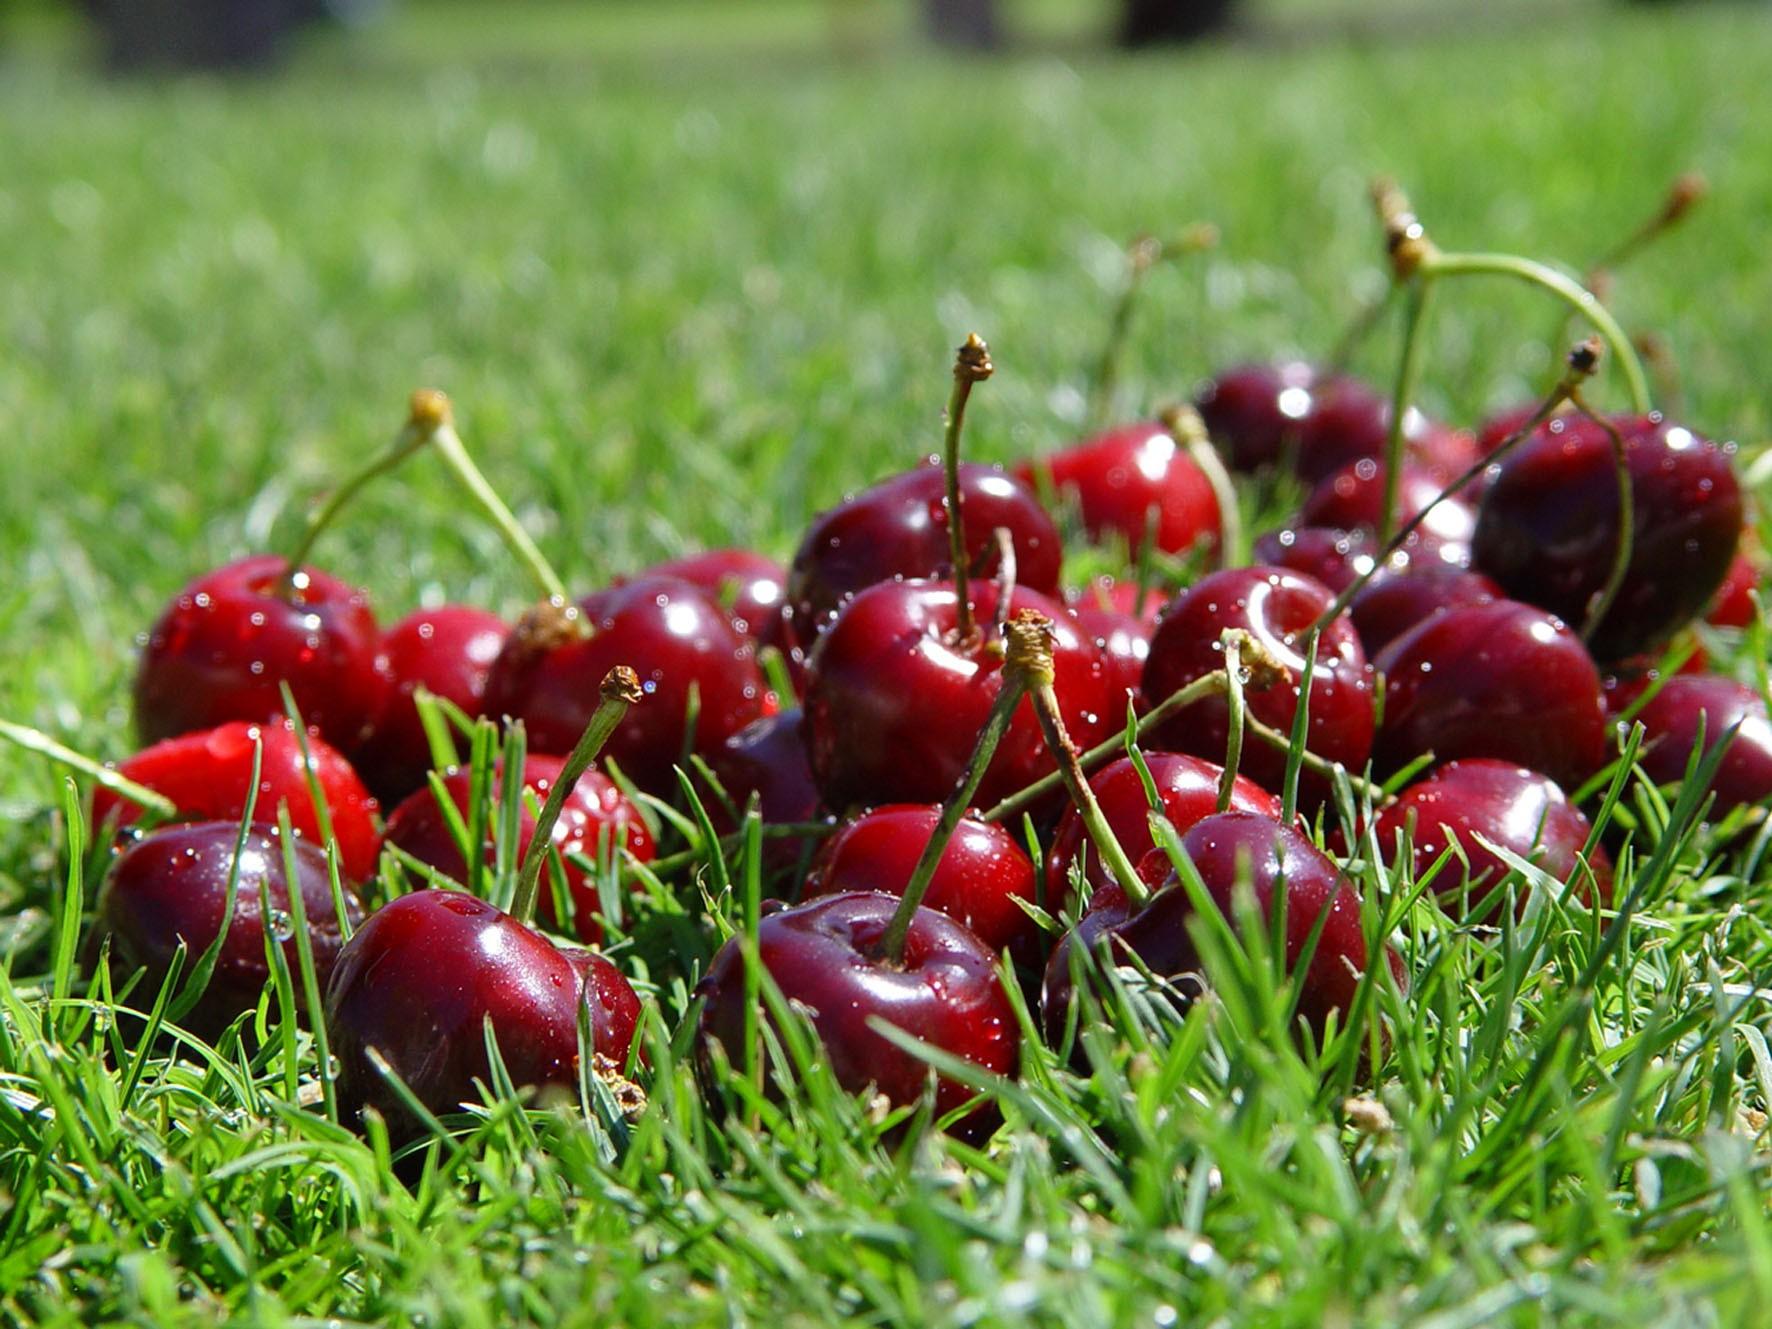 Fundão: Em Alcongosta passeamos na maior maternidade de cerejas do país